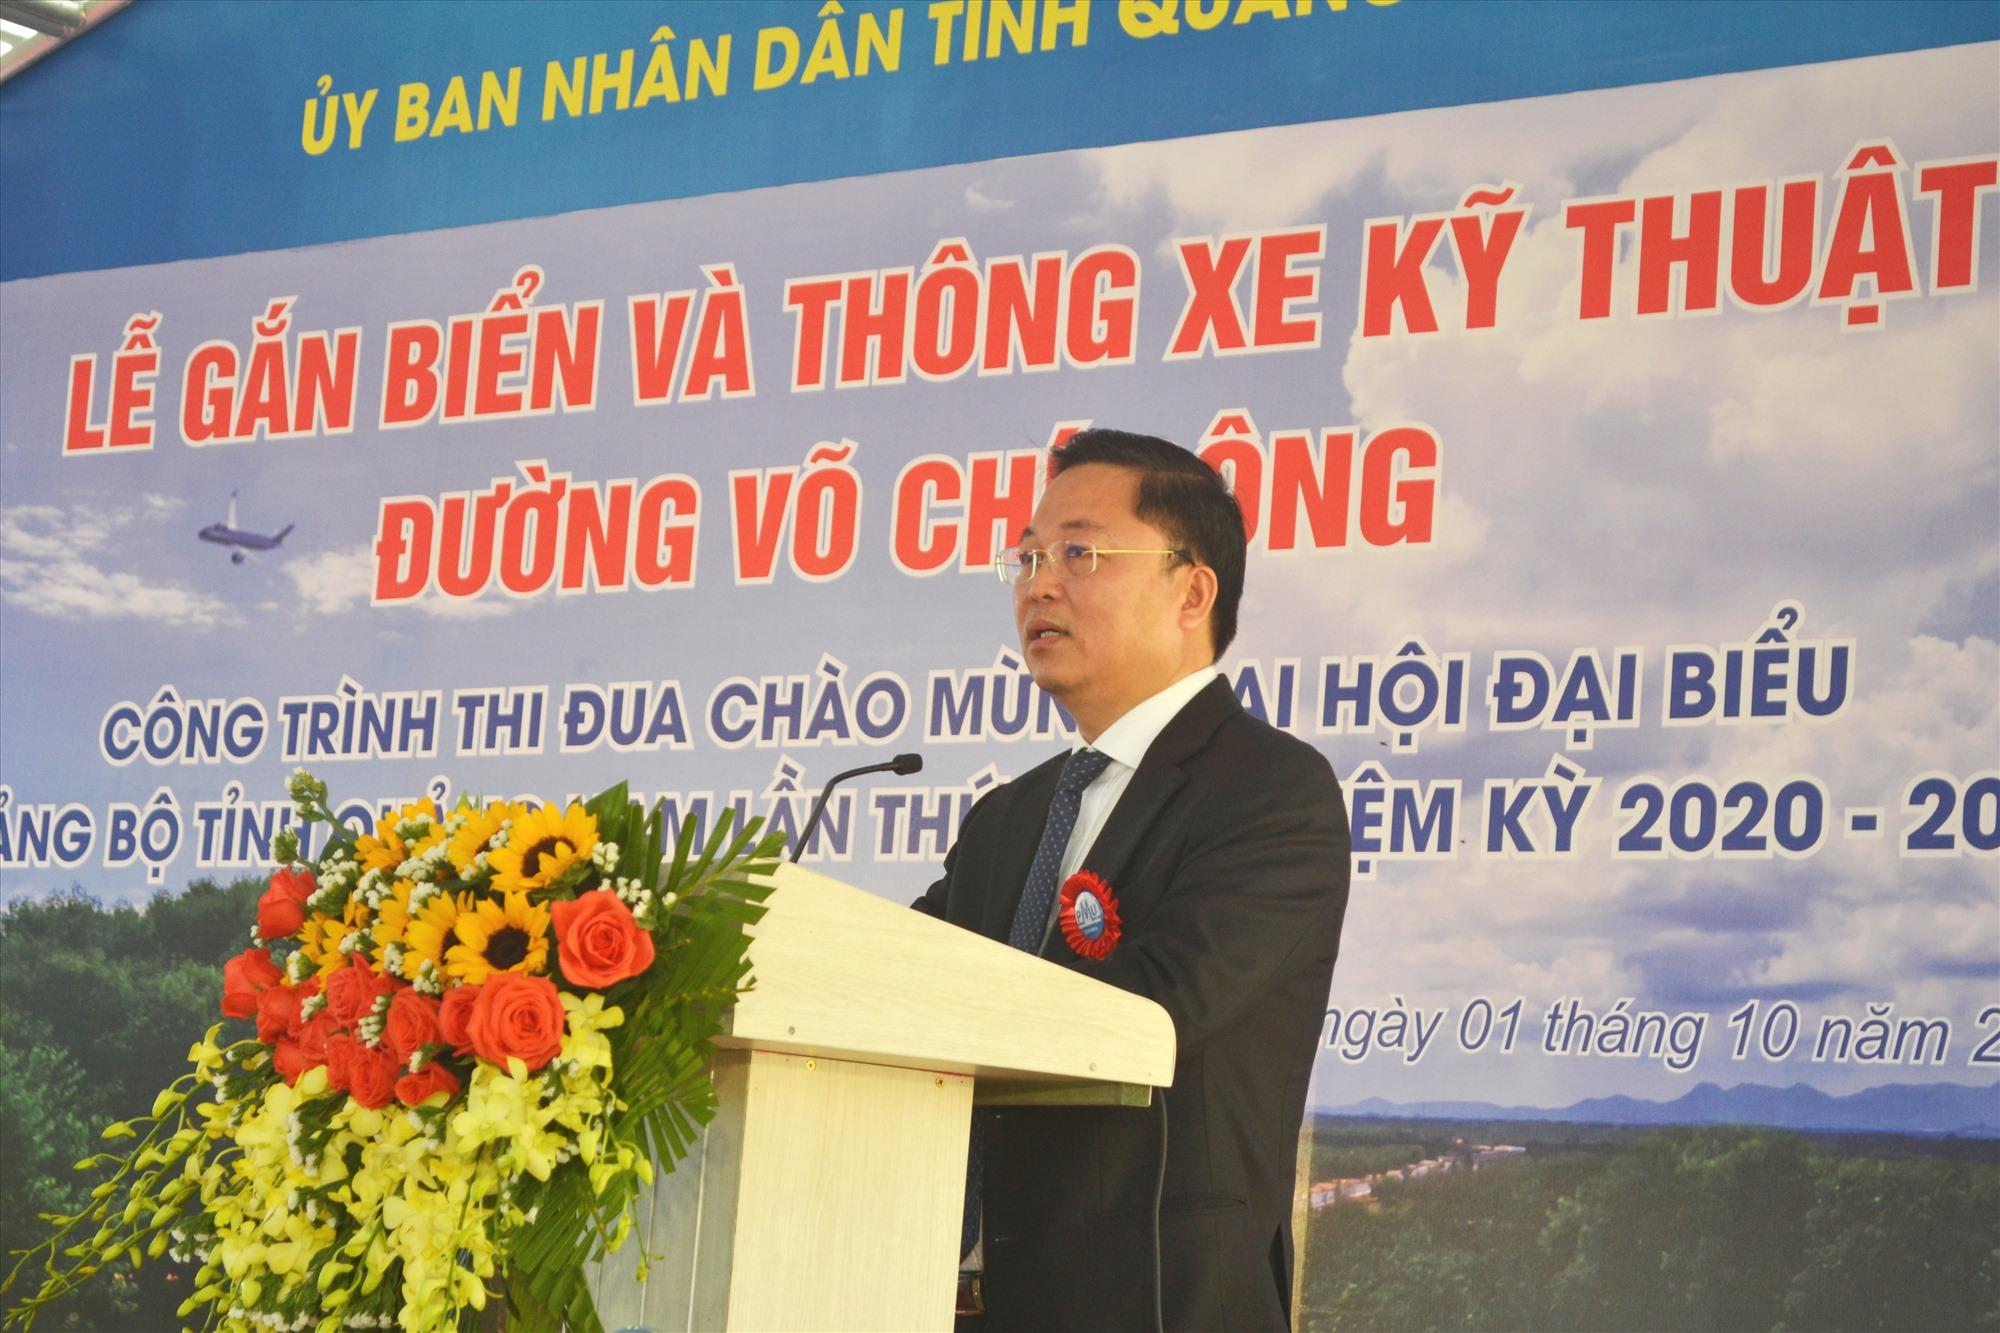 Chủ tịch UBND tỉnh Lê Trí Thanh tuyên bố thông xe kỹ thuật đường Võ Chí Công. Ảnh: CT